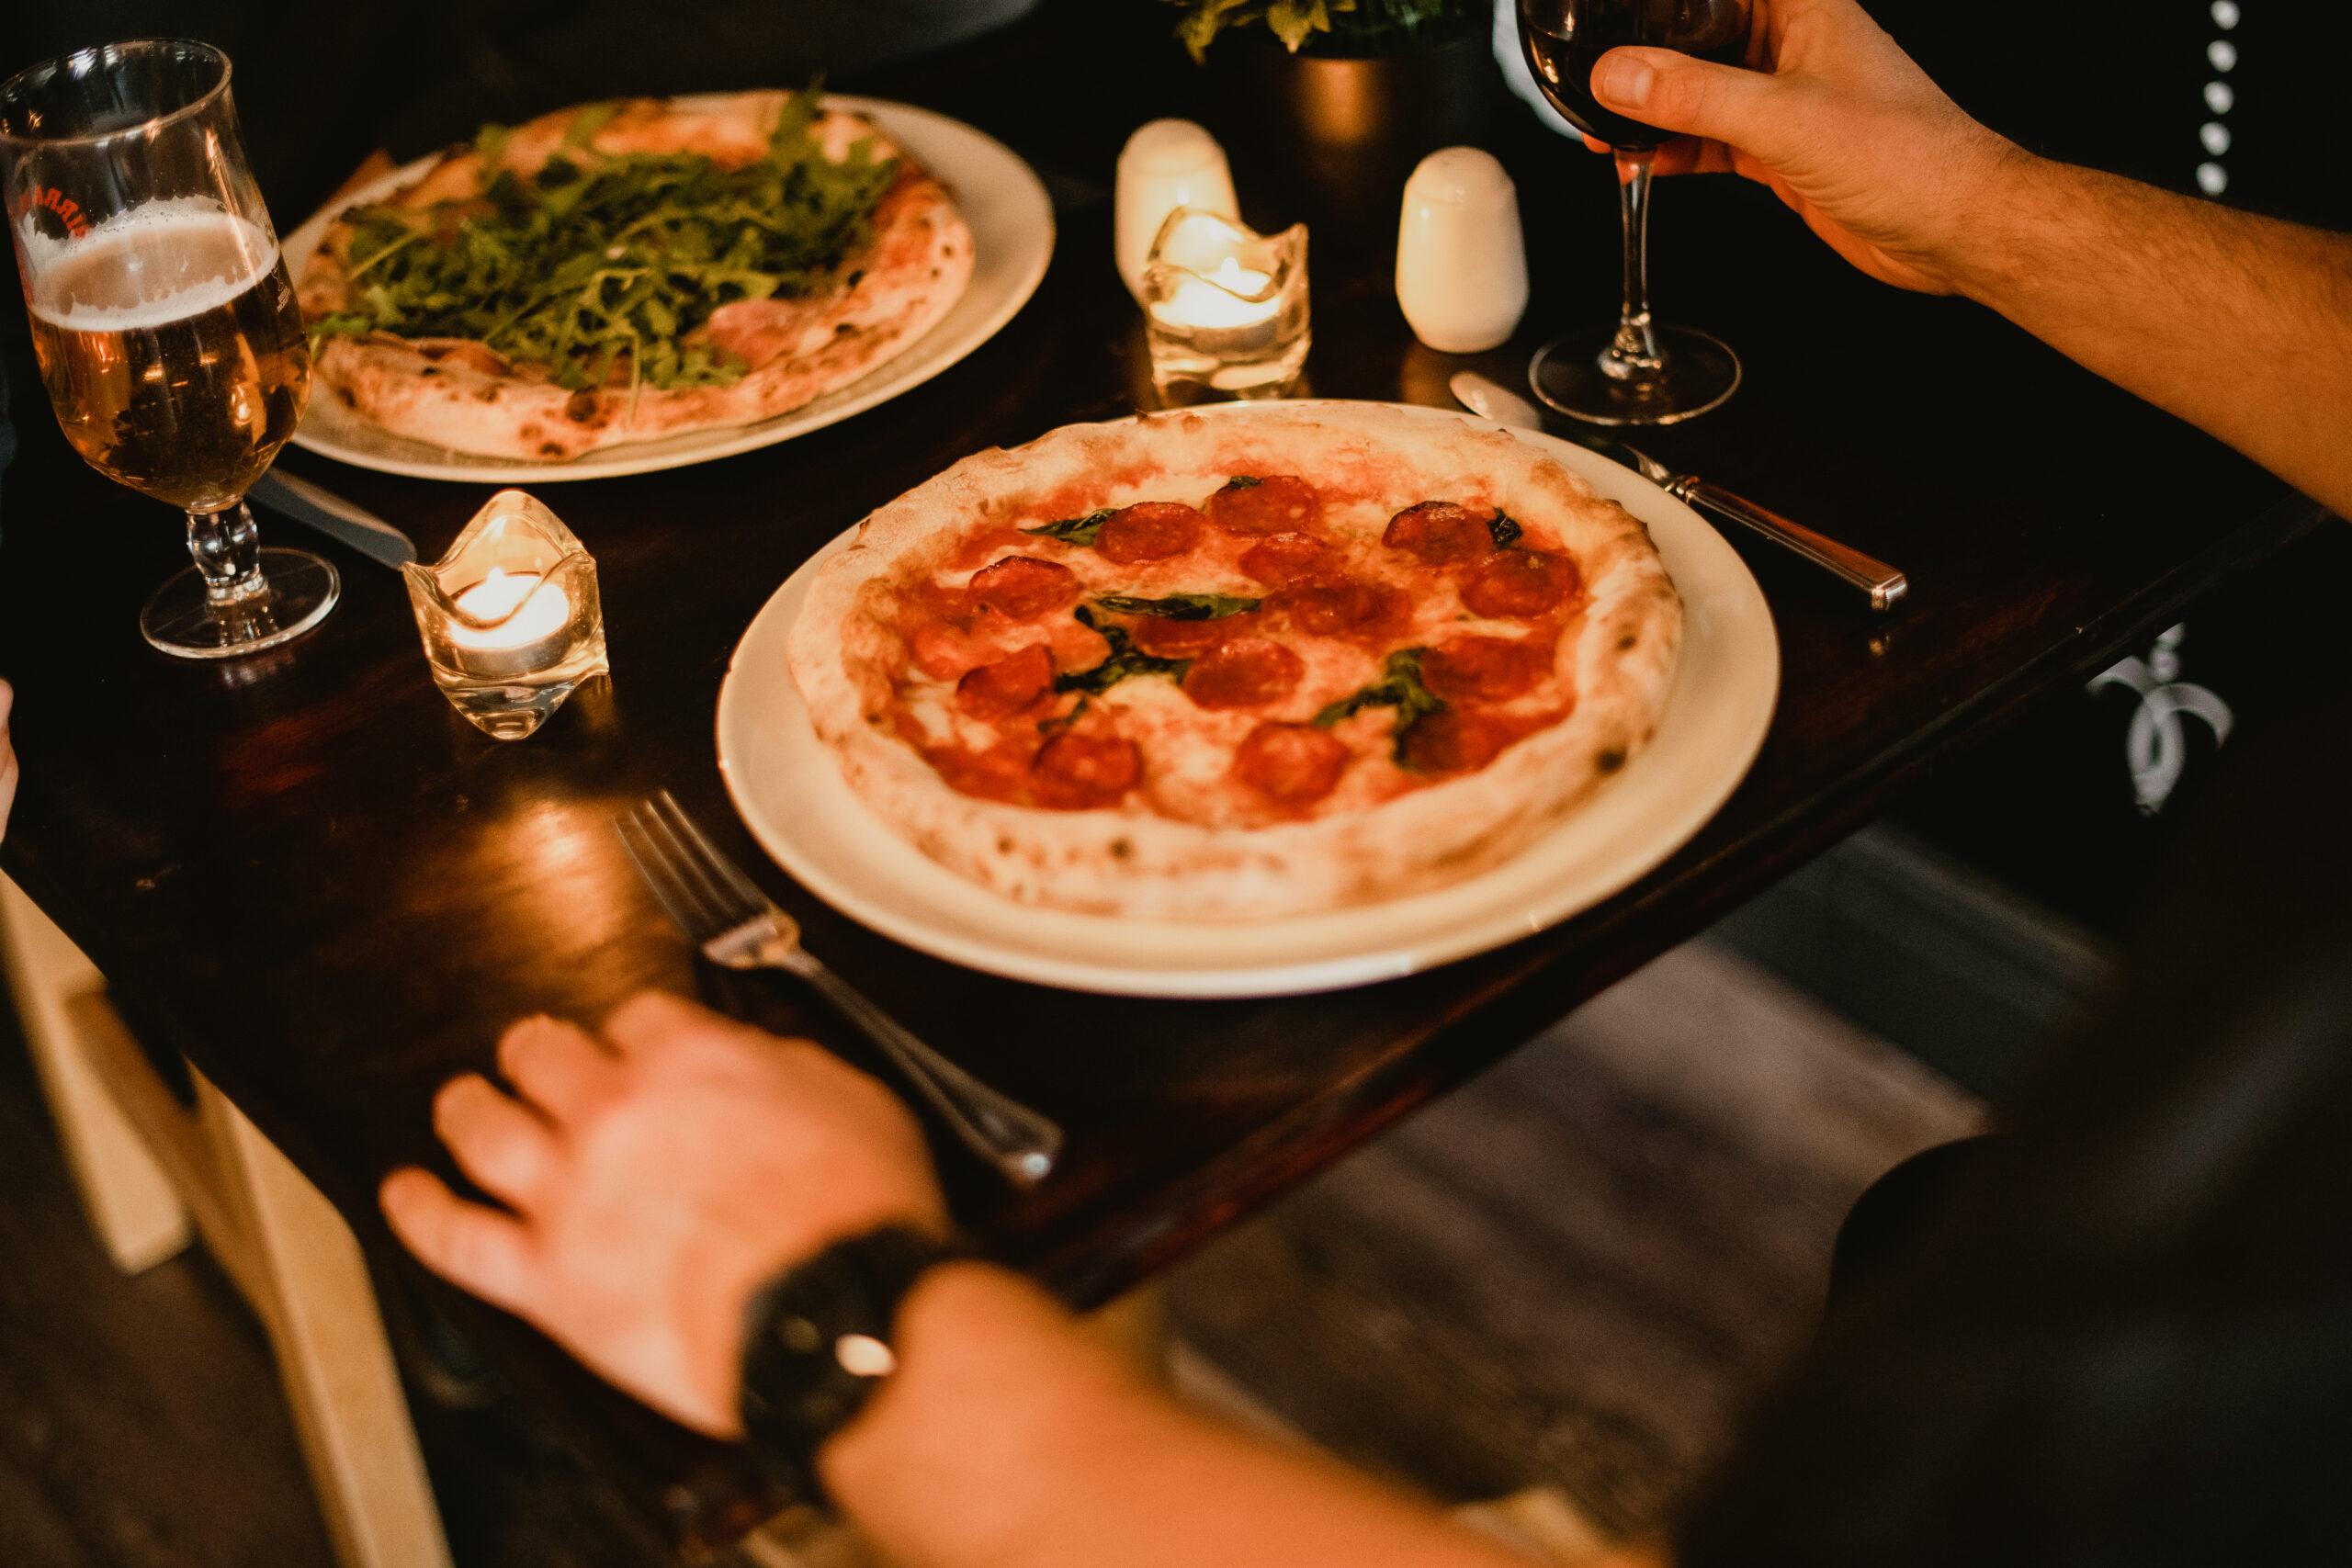 Dining indoors at Pizzeria Villaggio, Cardiff